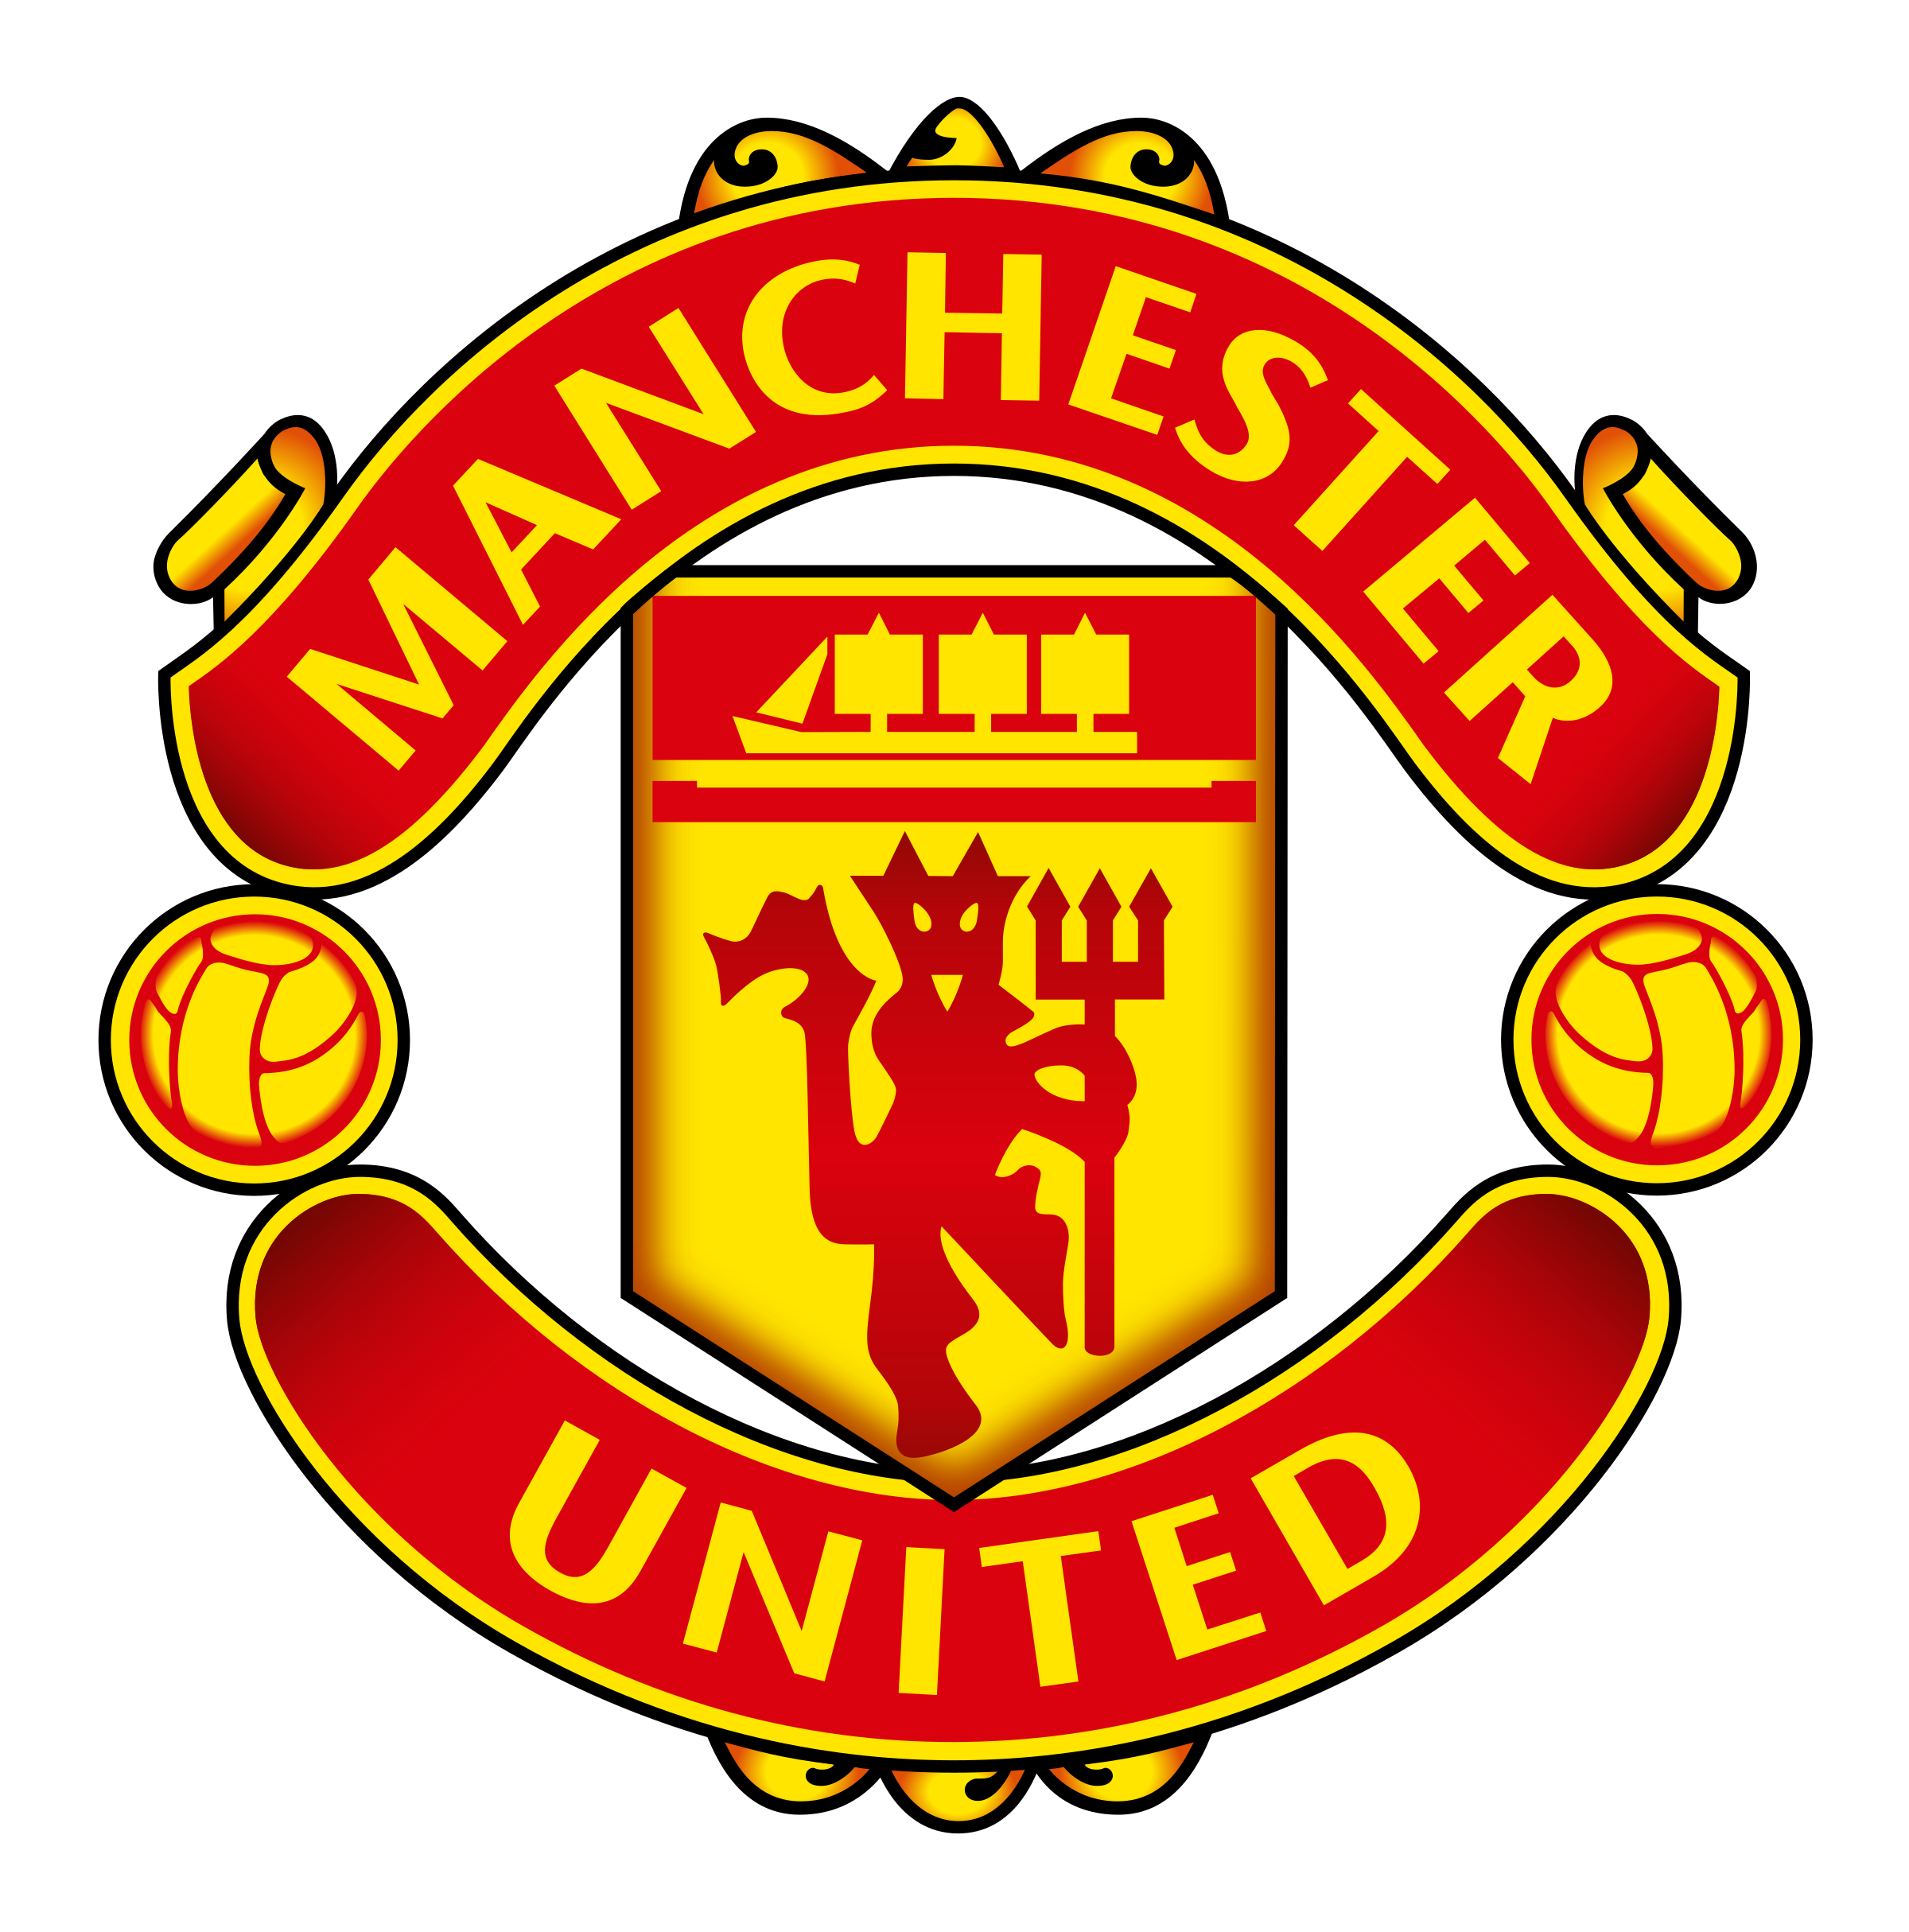 Manchester United logo png transparent